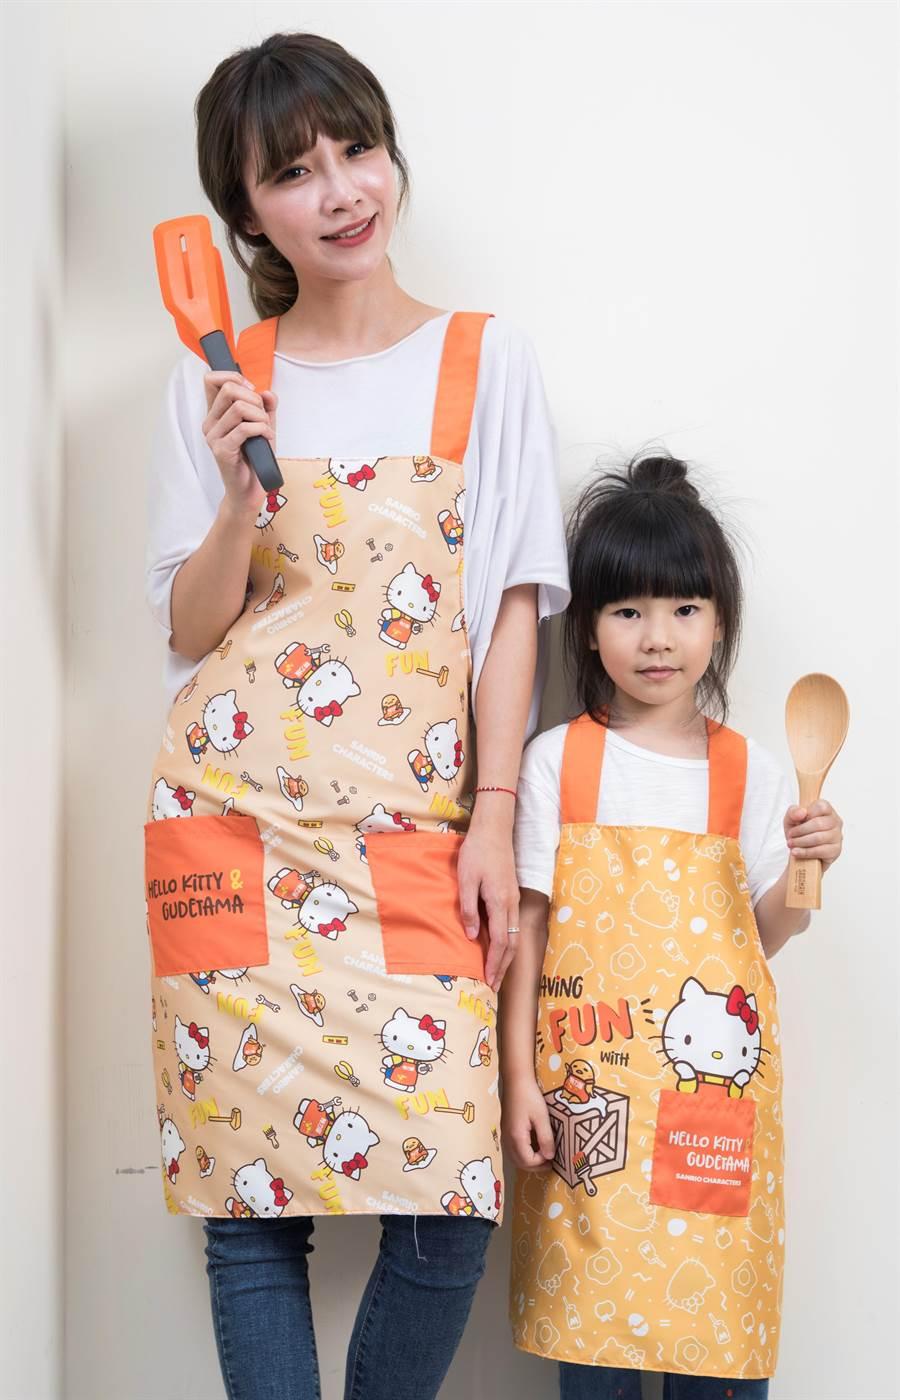 HELLO KITTY &蛋黃哥限量指定款圍裙加價購。(特力屋提供)